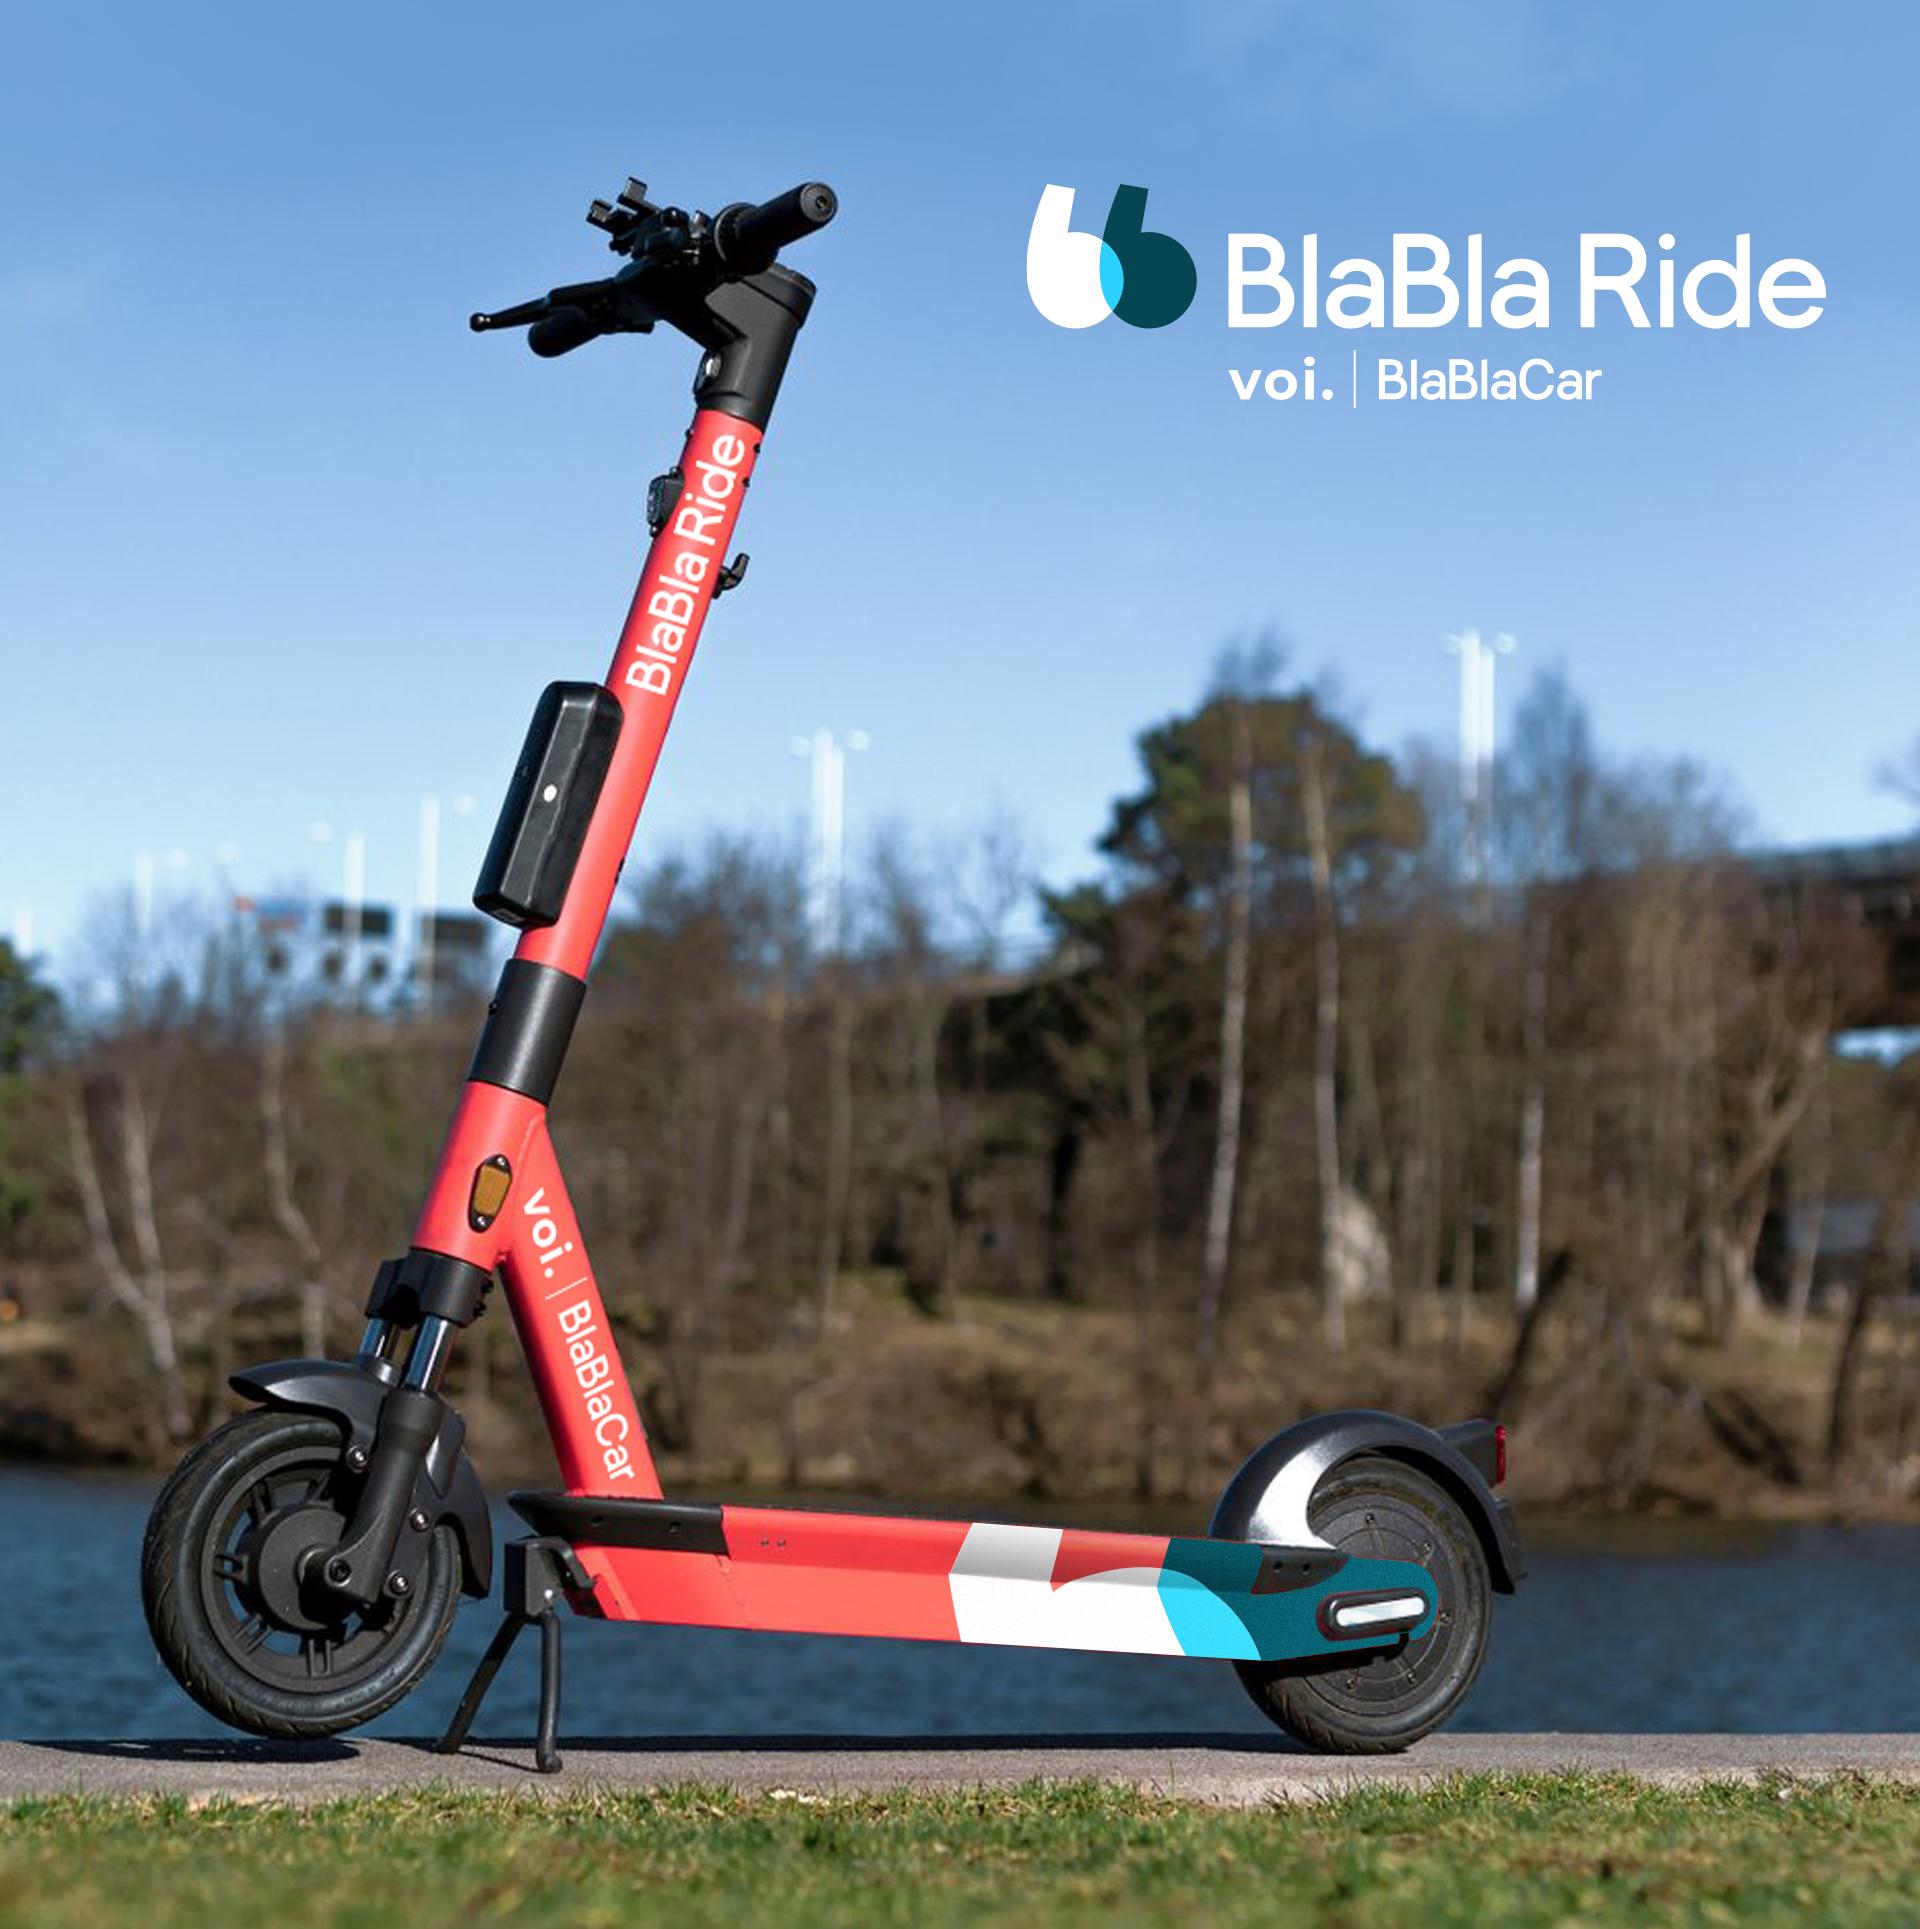 BlaBlaCar et Voi Technology s'associent : les trottinettes Voi deviennent BlaBla Ride en France